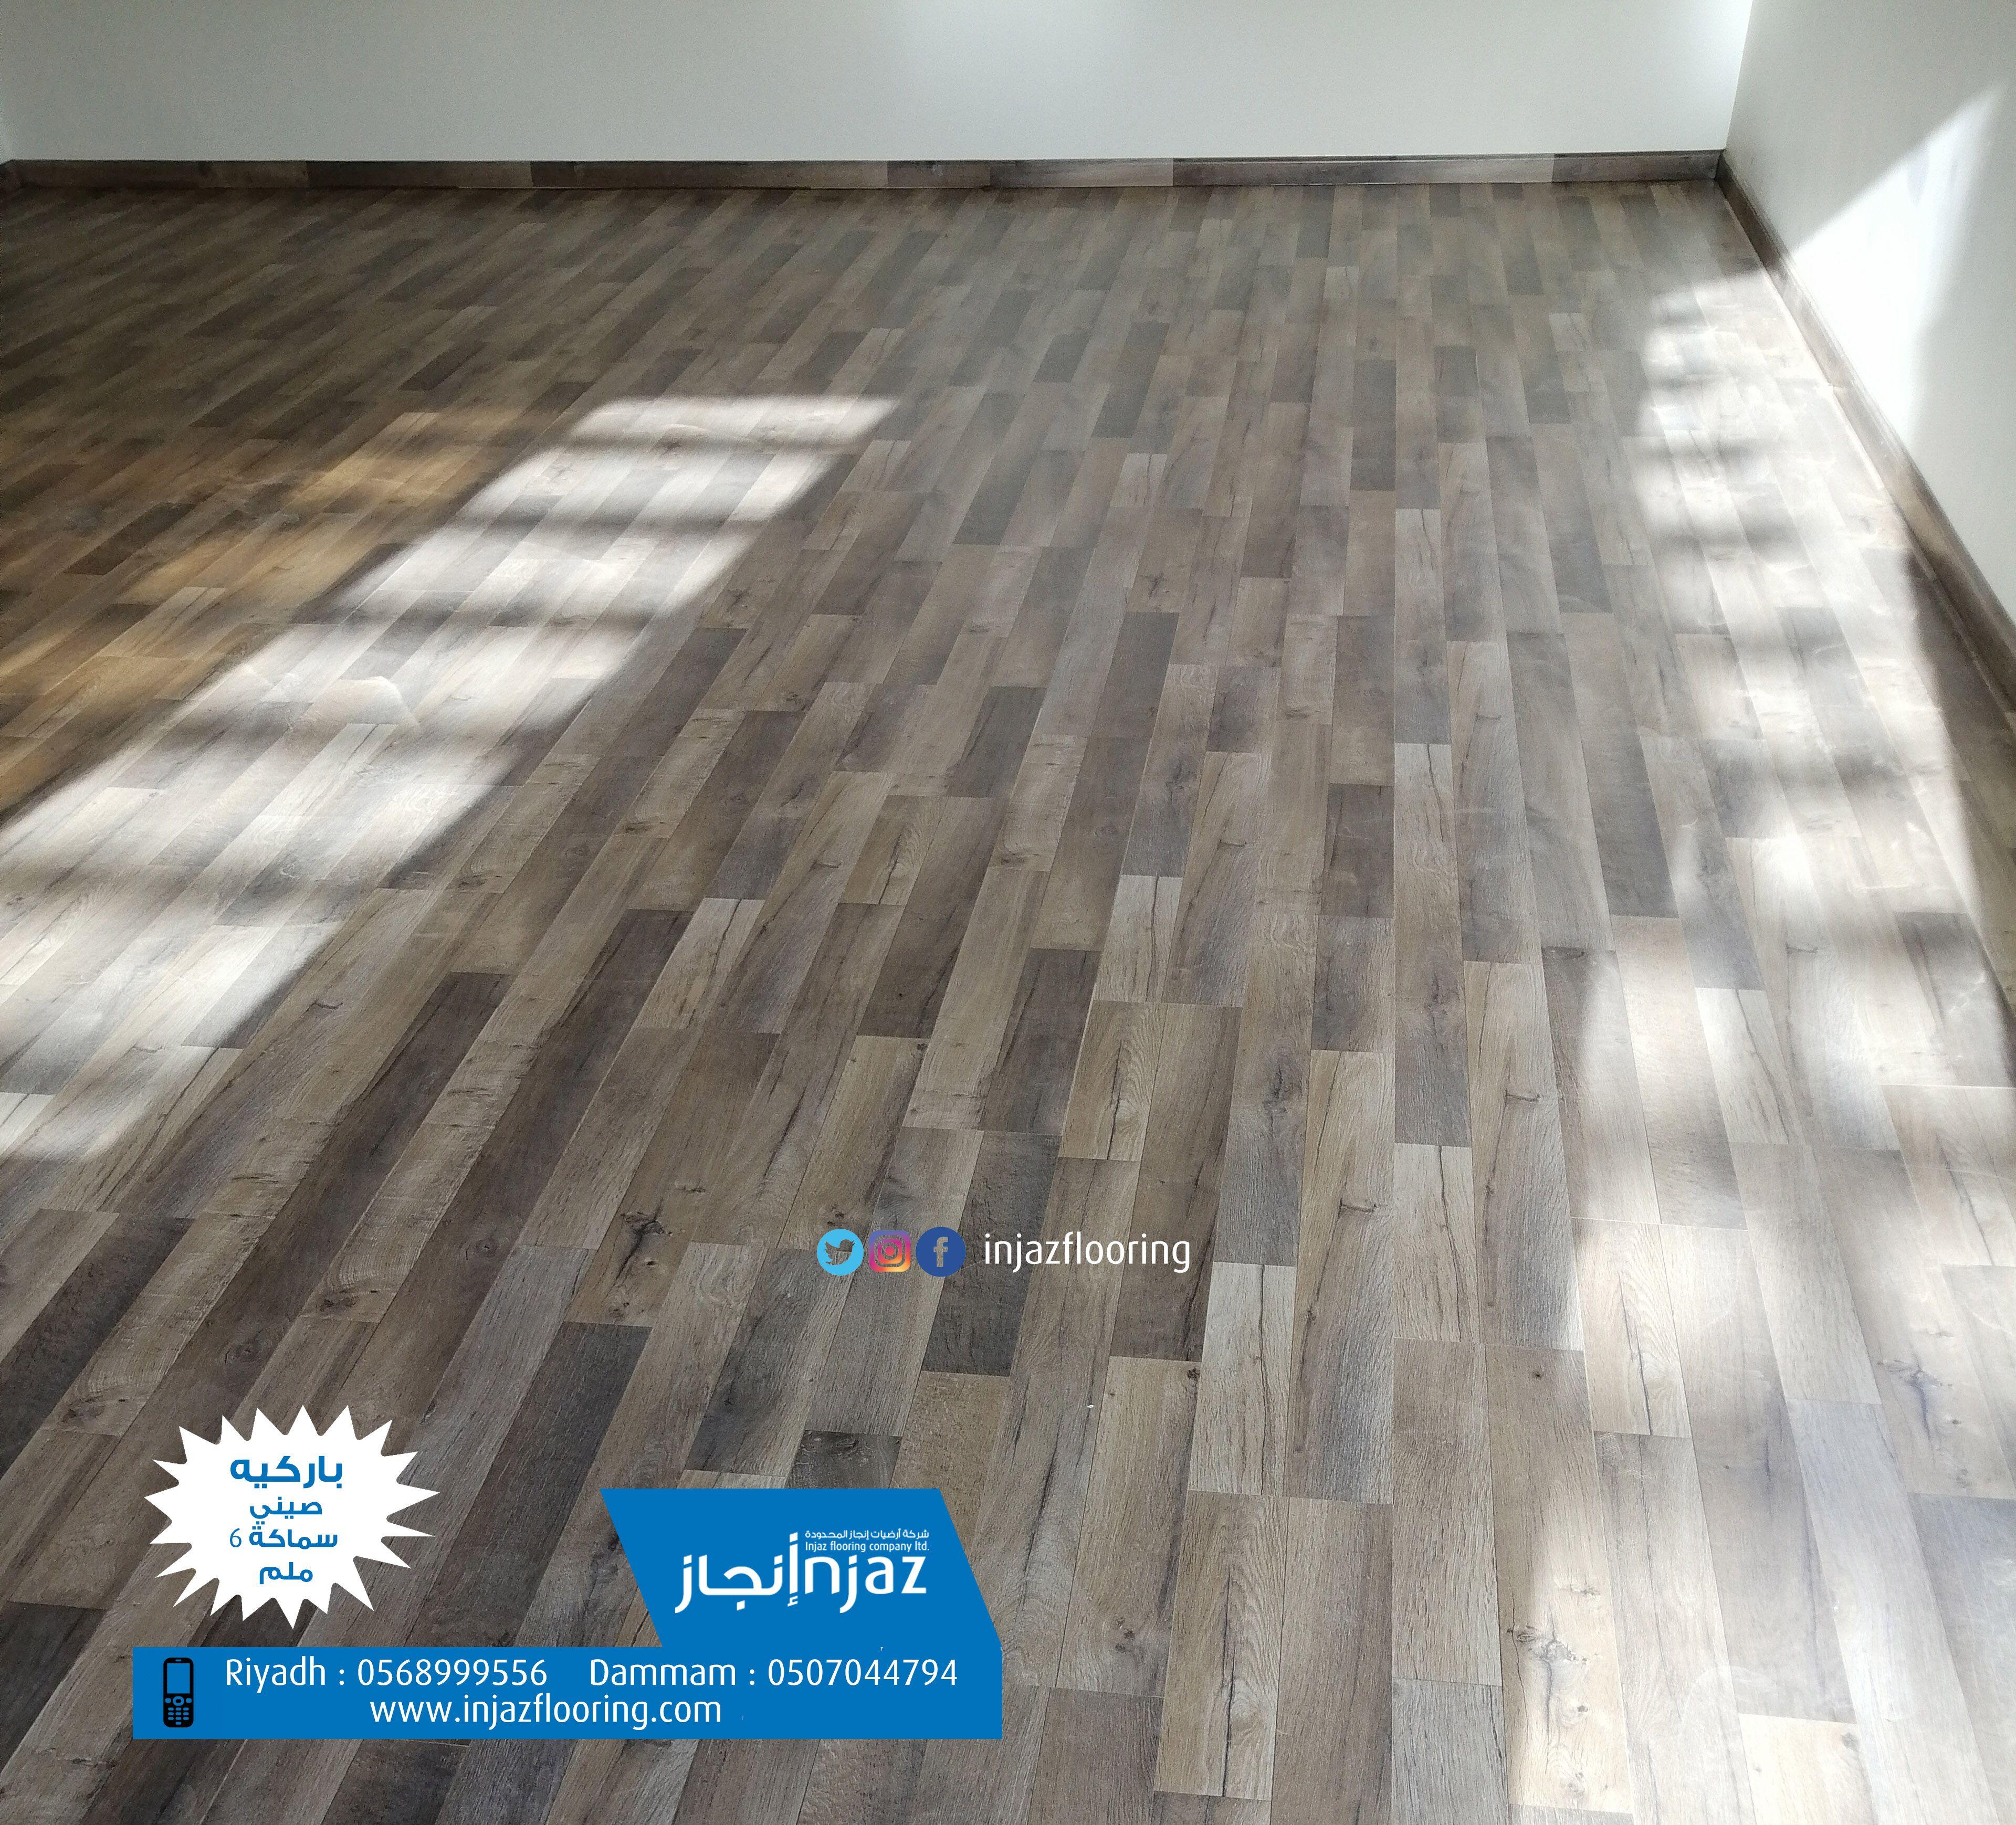 باركيه صيني ٦ ملم المتر مع التركيب 30 ريال Flooring Tile Floor Texture